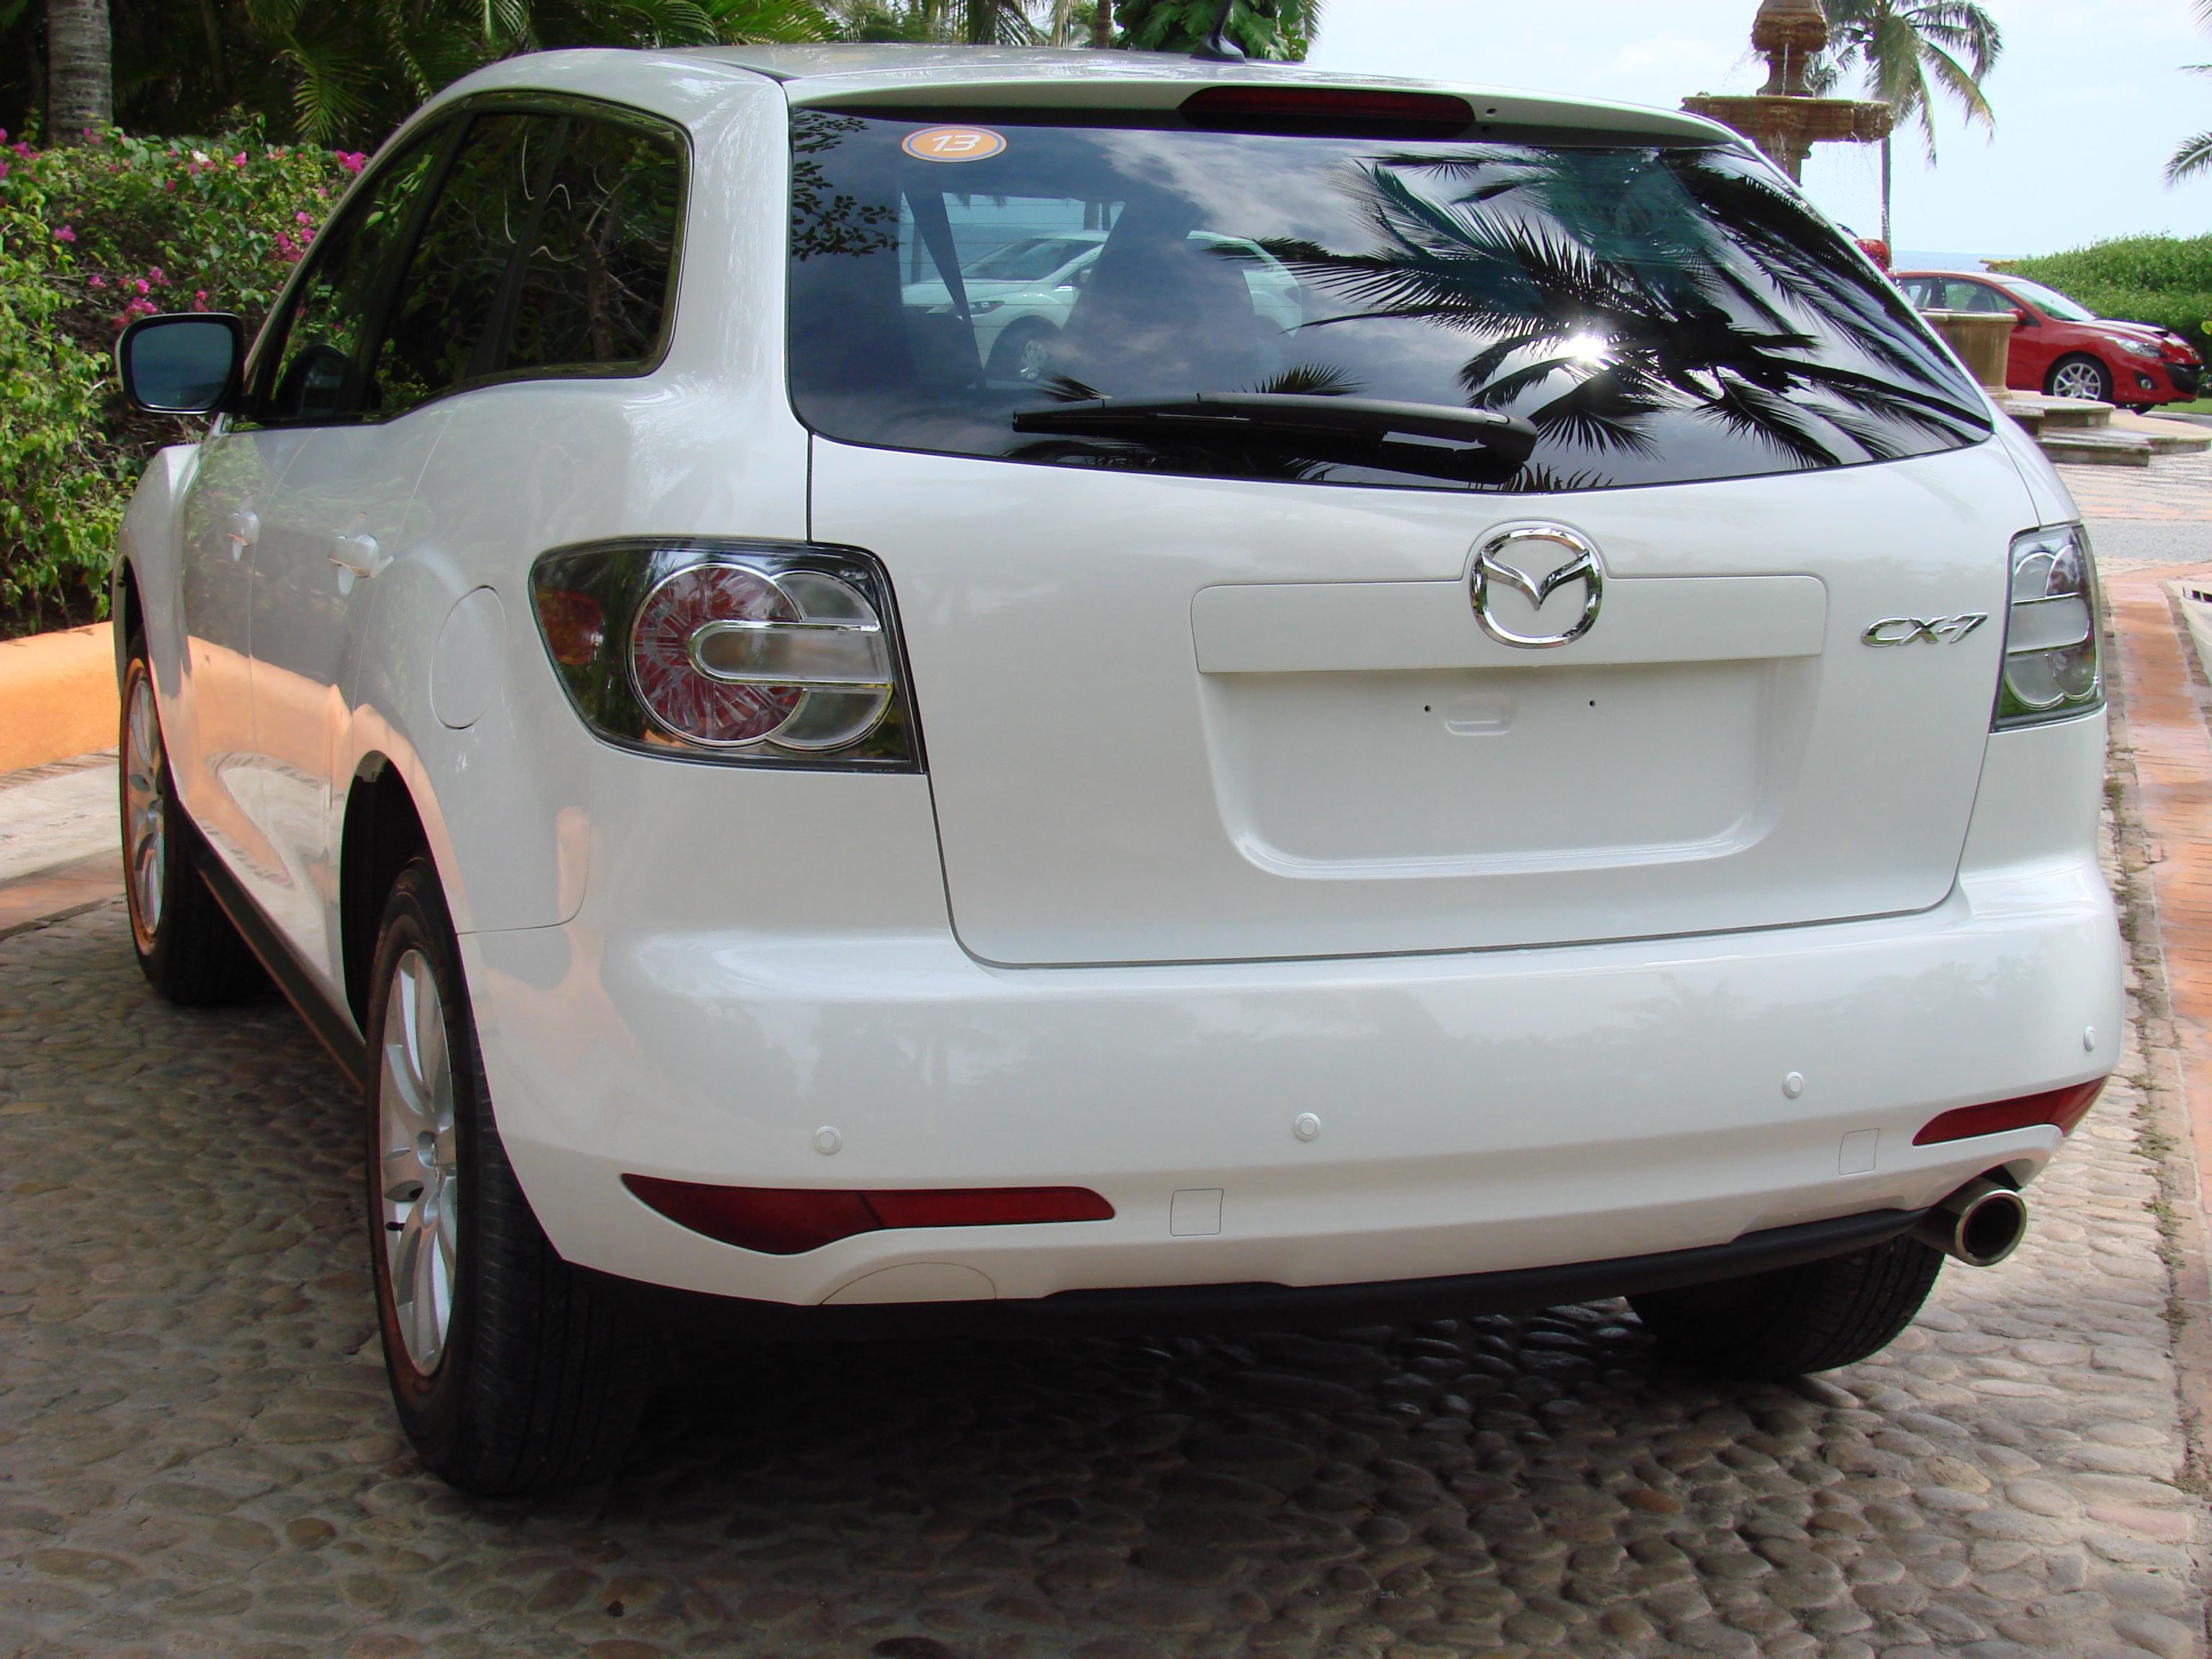 Nueva versión 2.5 litros de crossover Mazda CX-7 2010 para ...